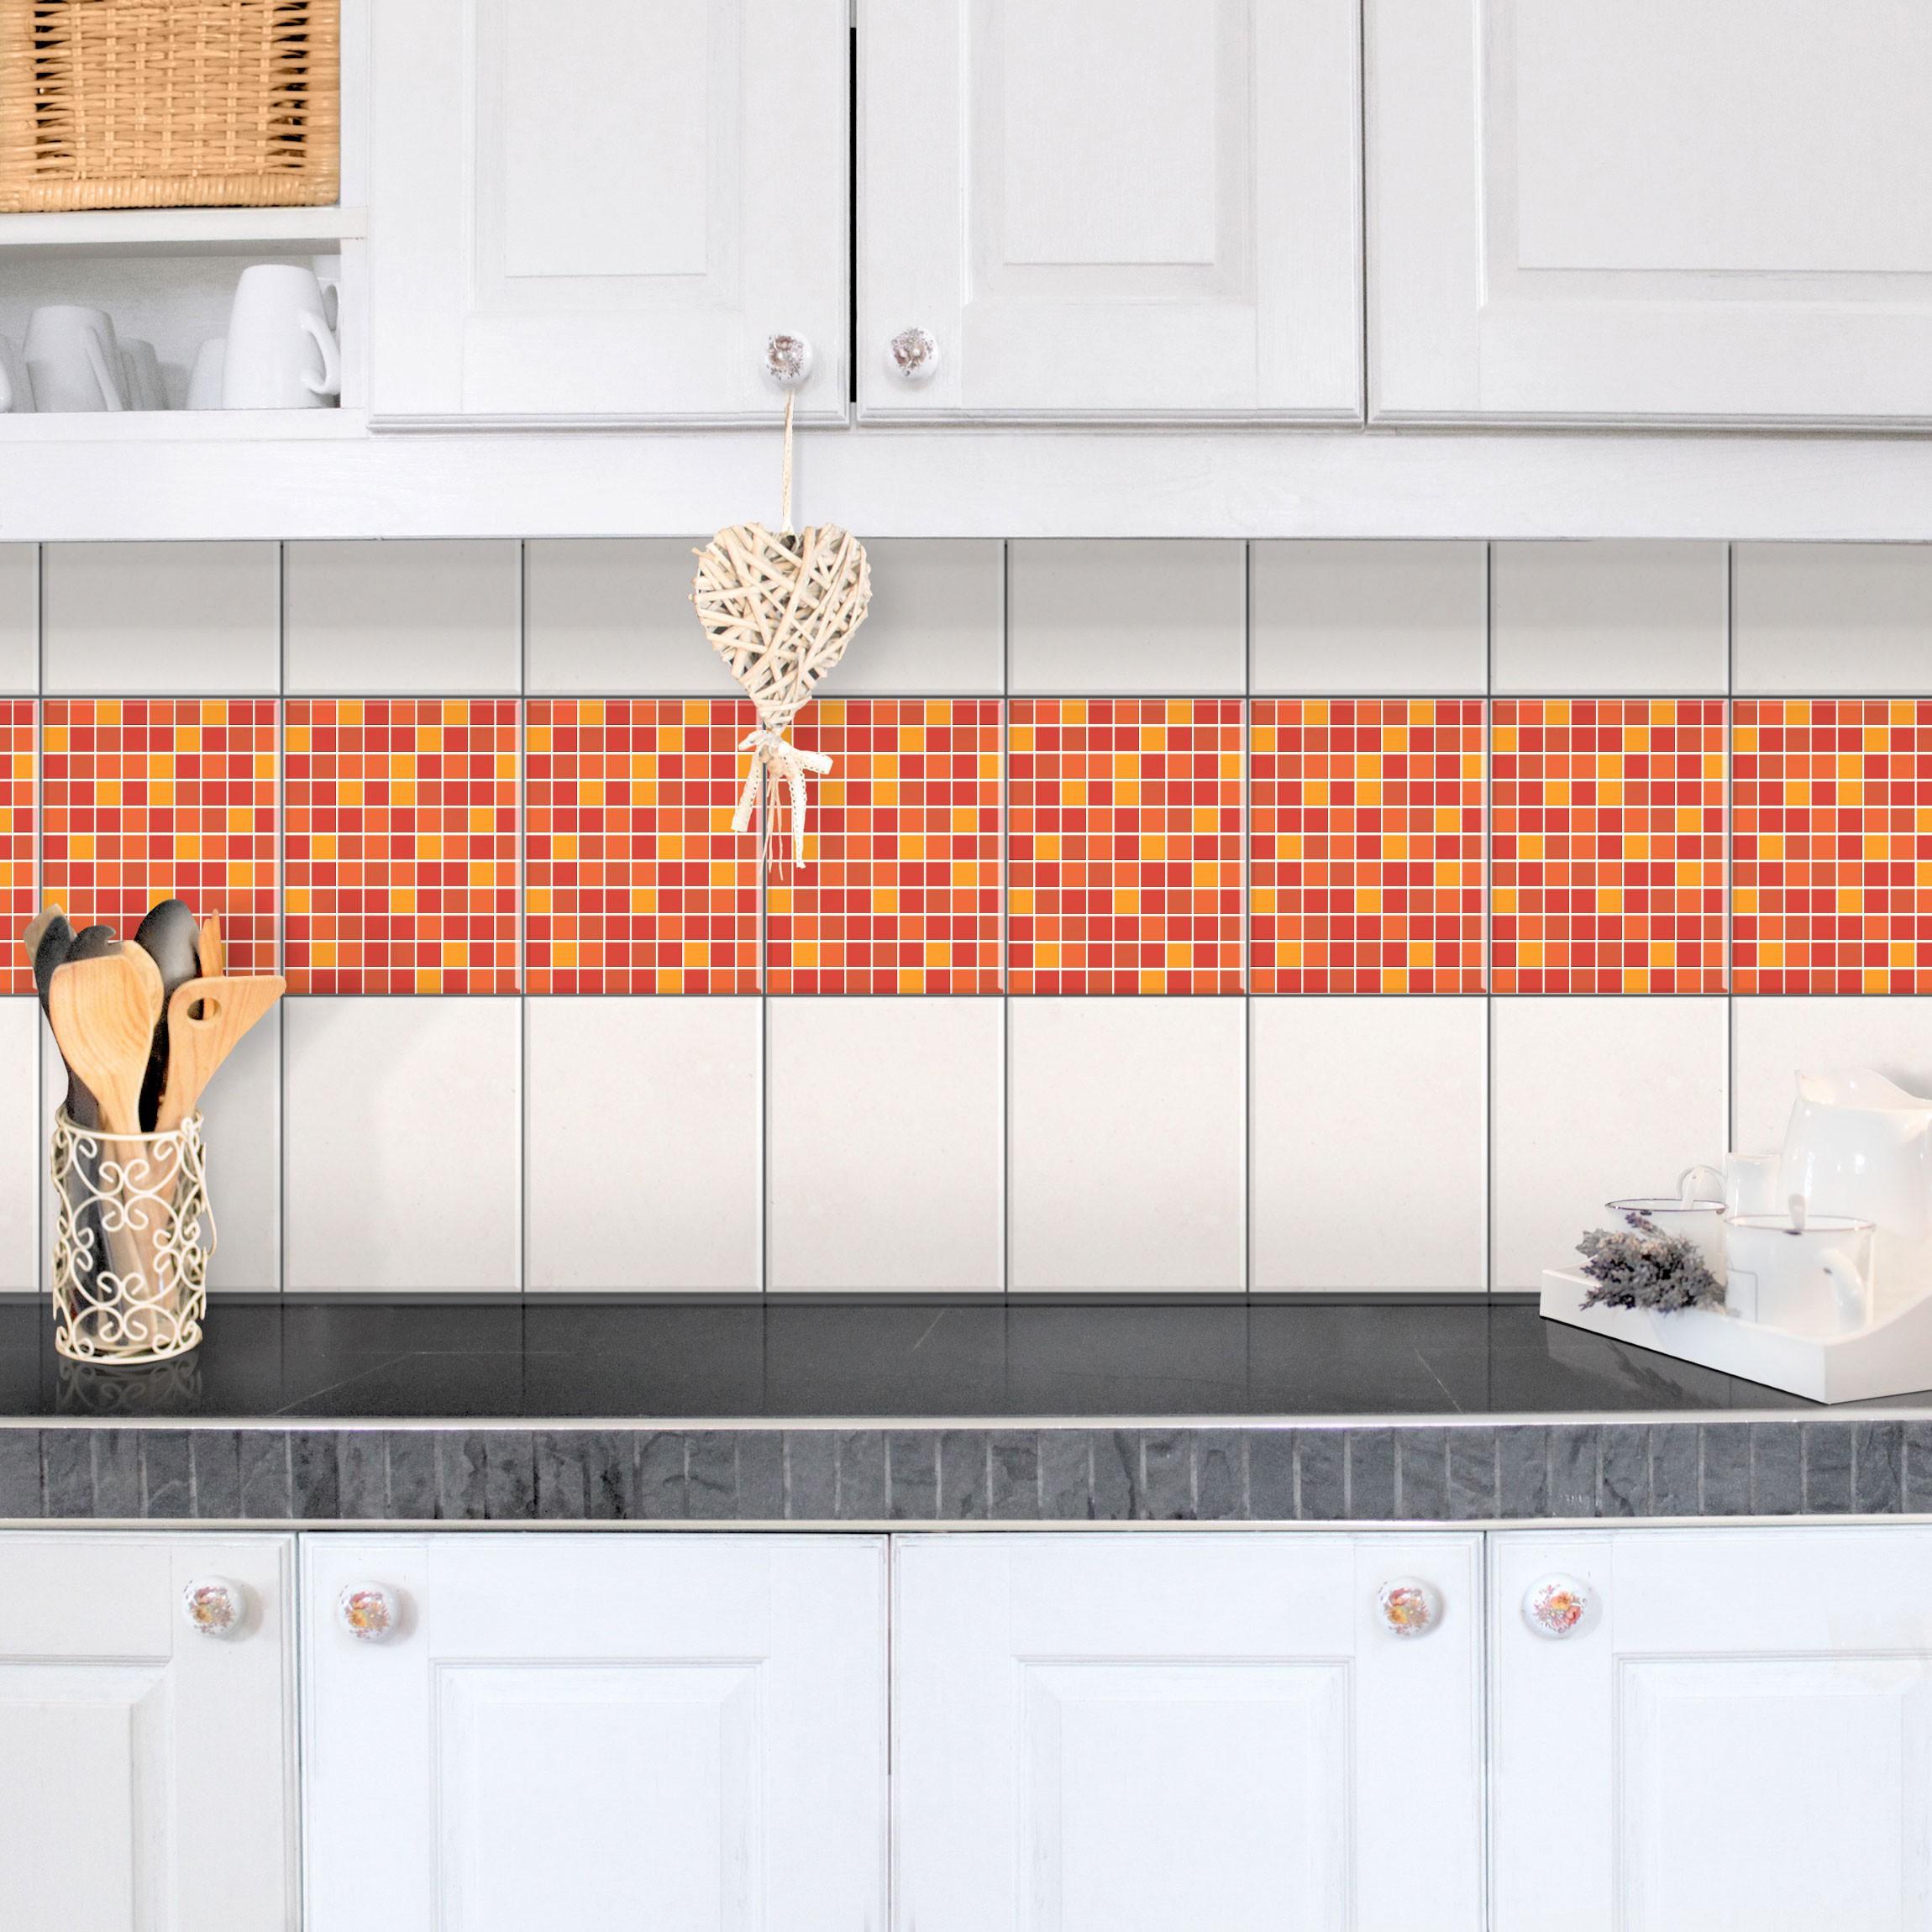 Full Size of Fliesen Bordre Selbstklebende Mosaikfliesen Sonnenaufgang 25x20 Fliesenspiegel Küche Glas Selber Machen Bodenfliesen Bad Fürs Badezimmer Für Dusche Wohnzimmer Selbstklebende Fliesen